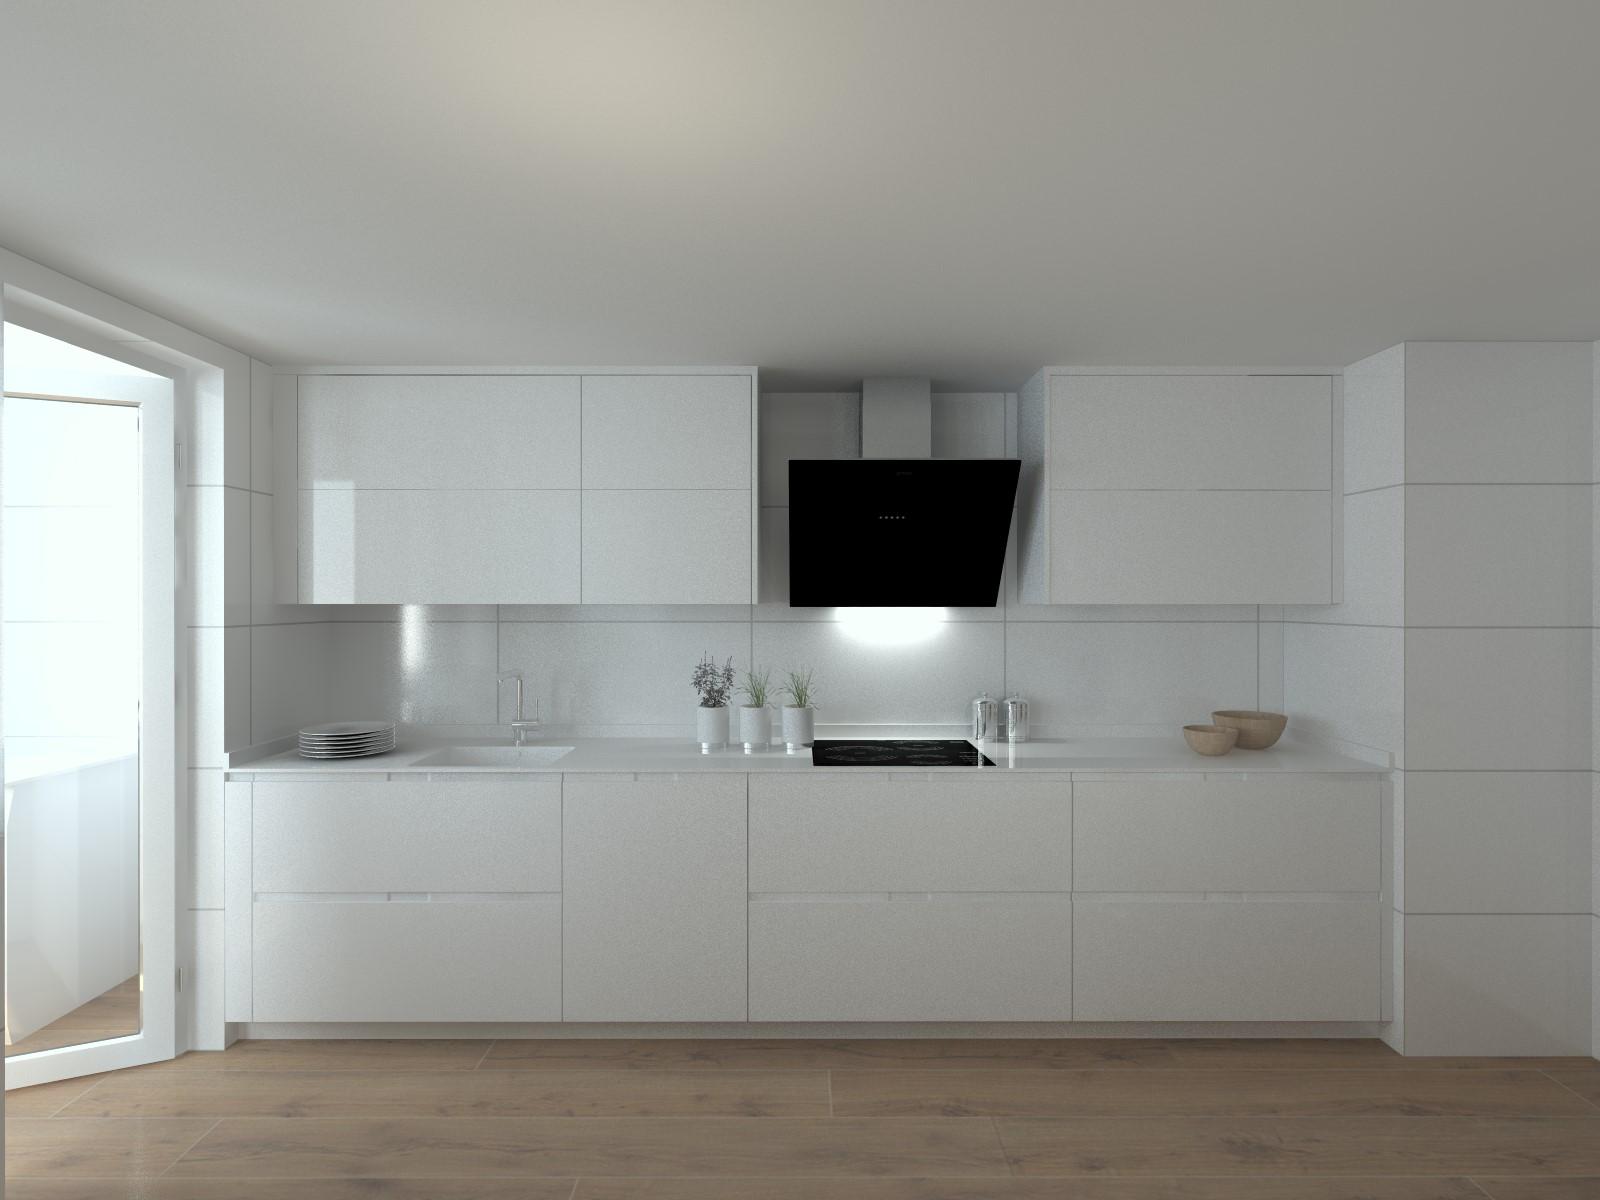 Cocina santos modelo intra laca blanca encimera dalian - Cocina blanca encimera blanca ...